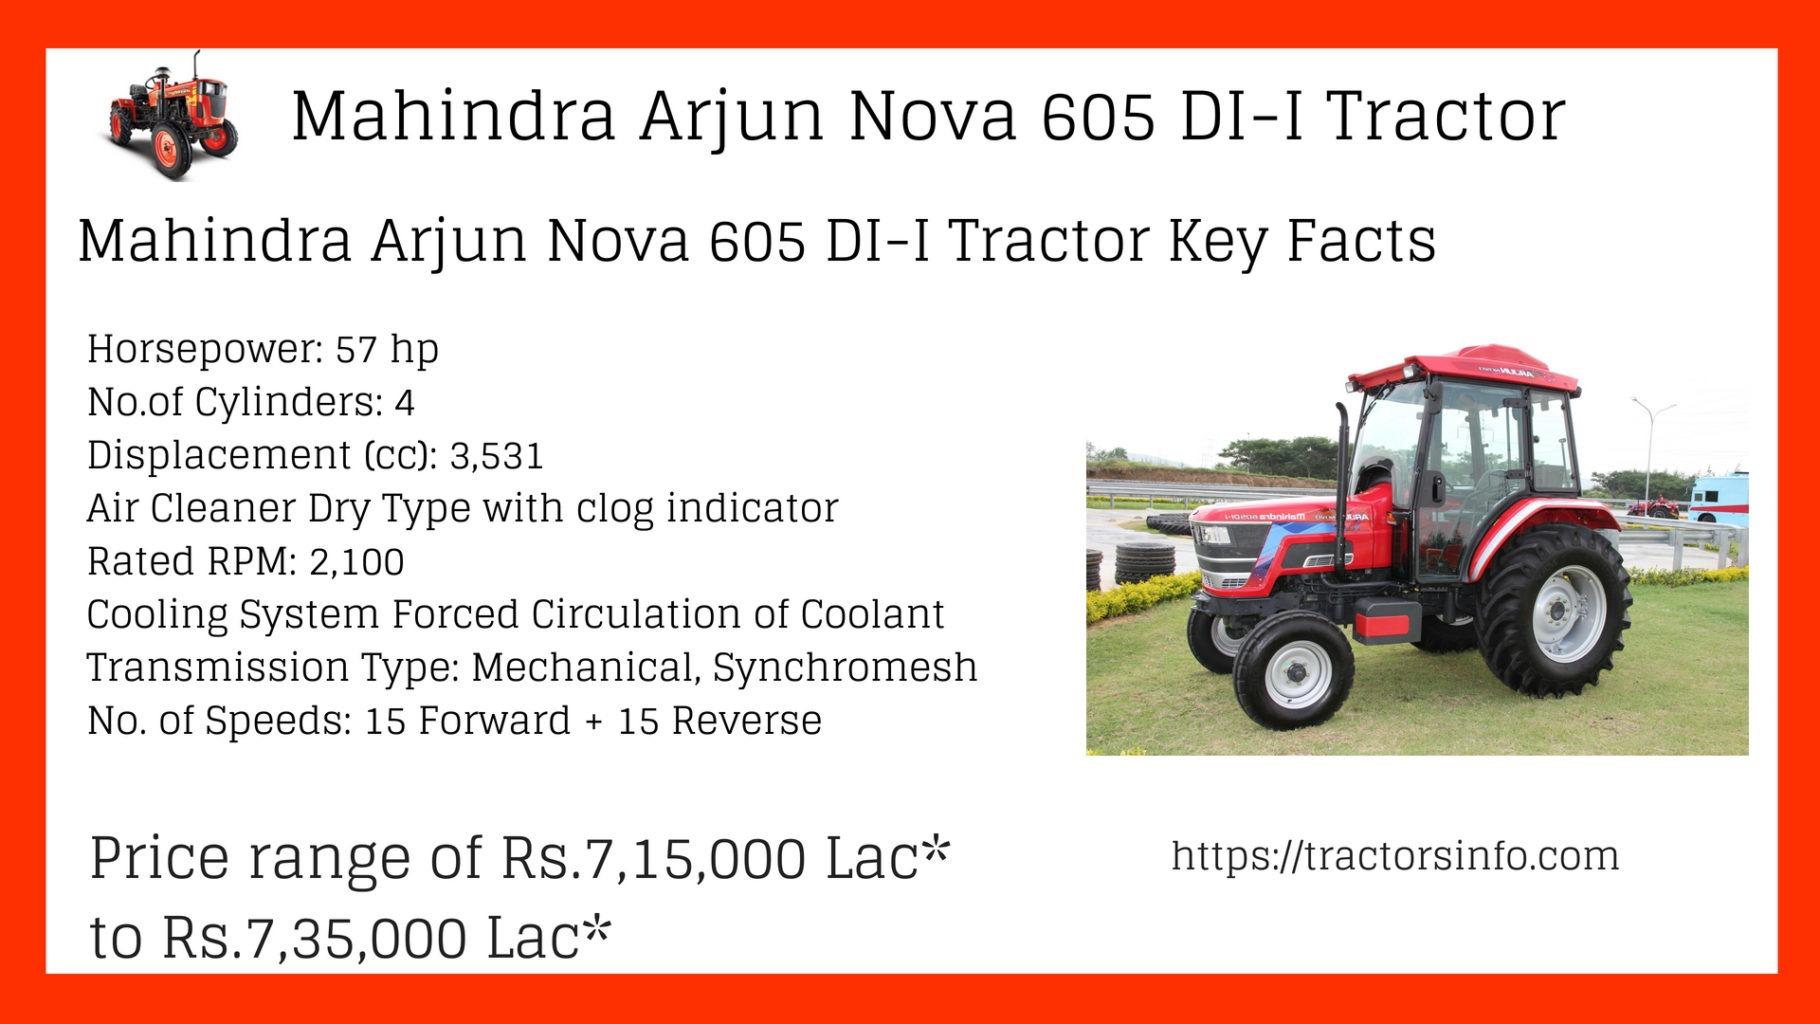 Mahindra Arjun Nova 605 DI – I tractor